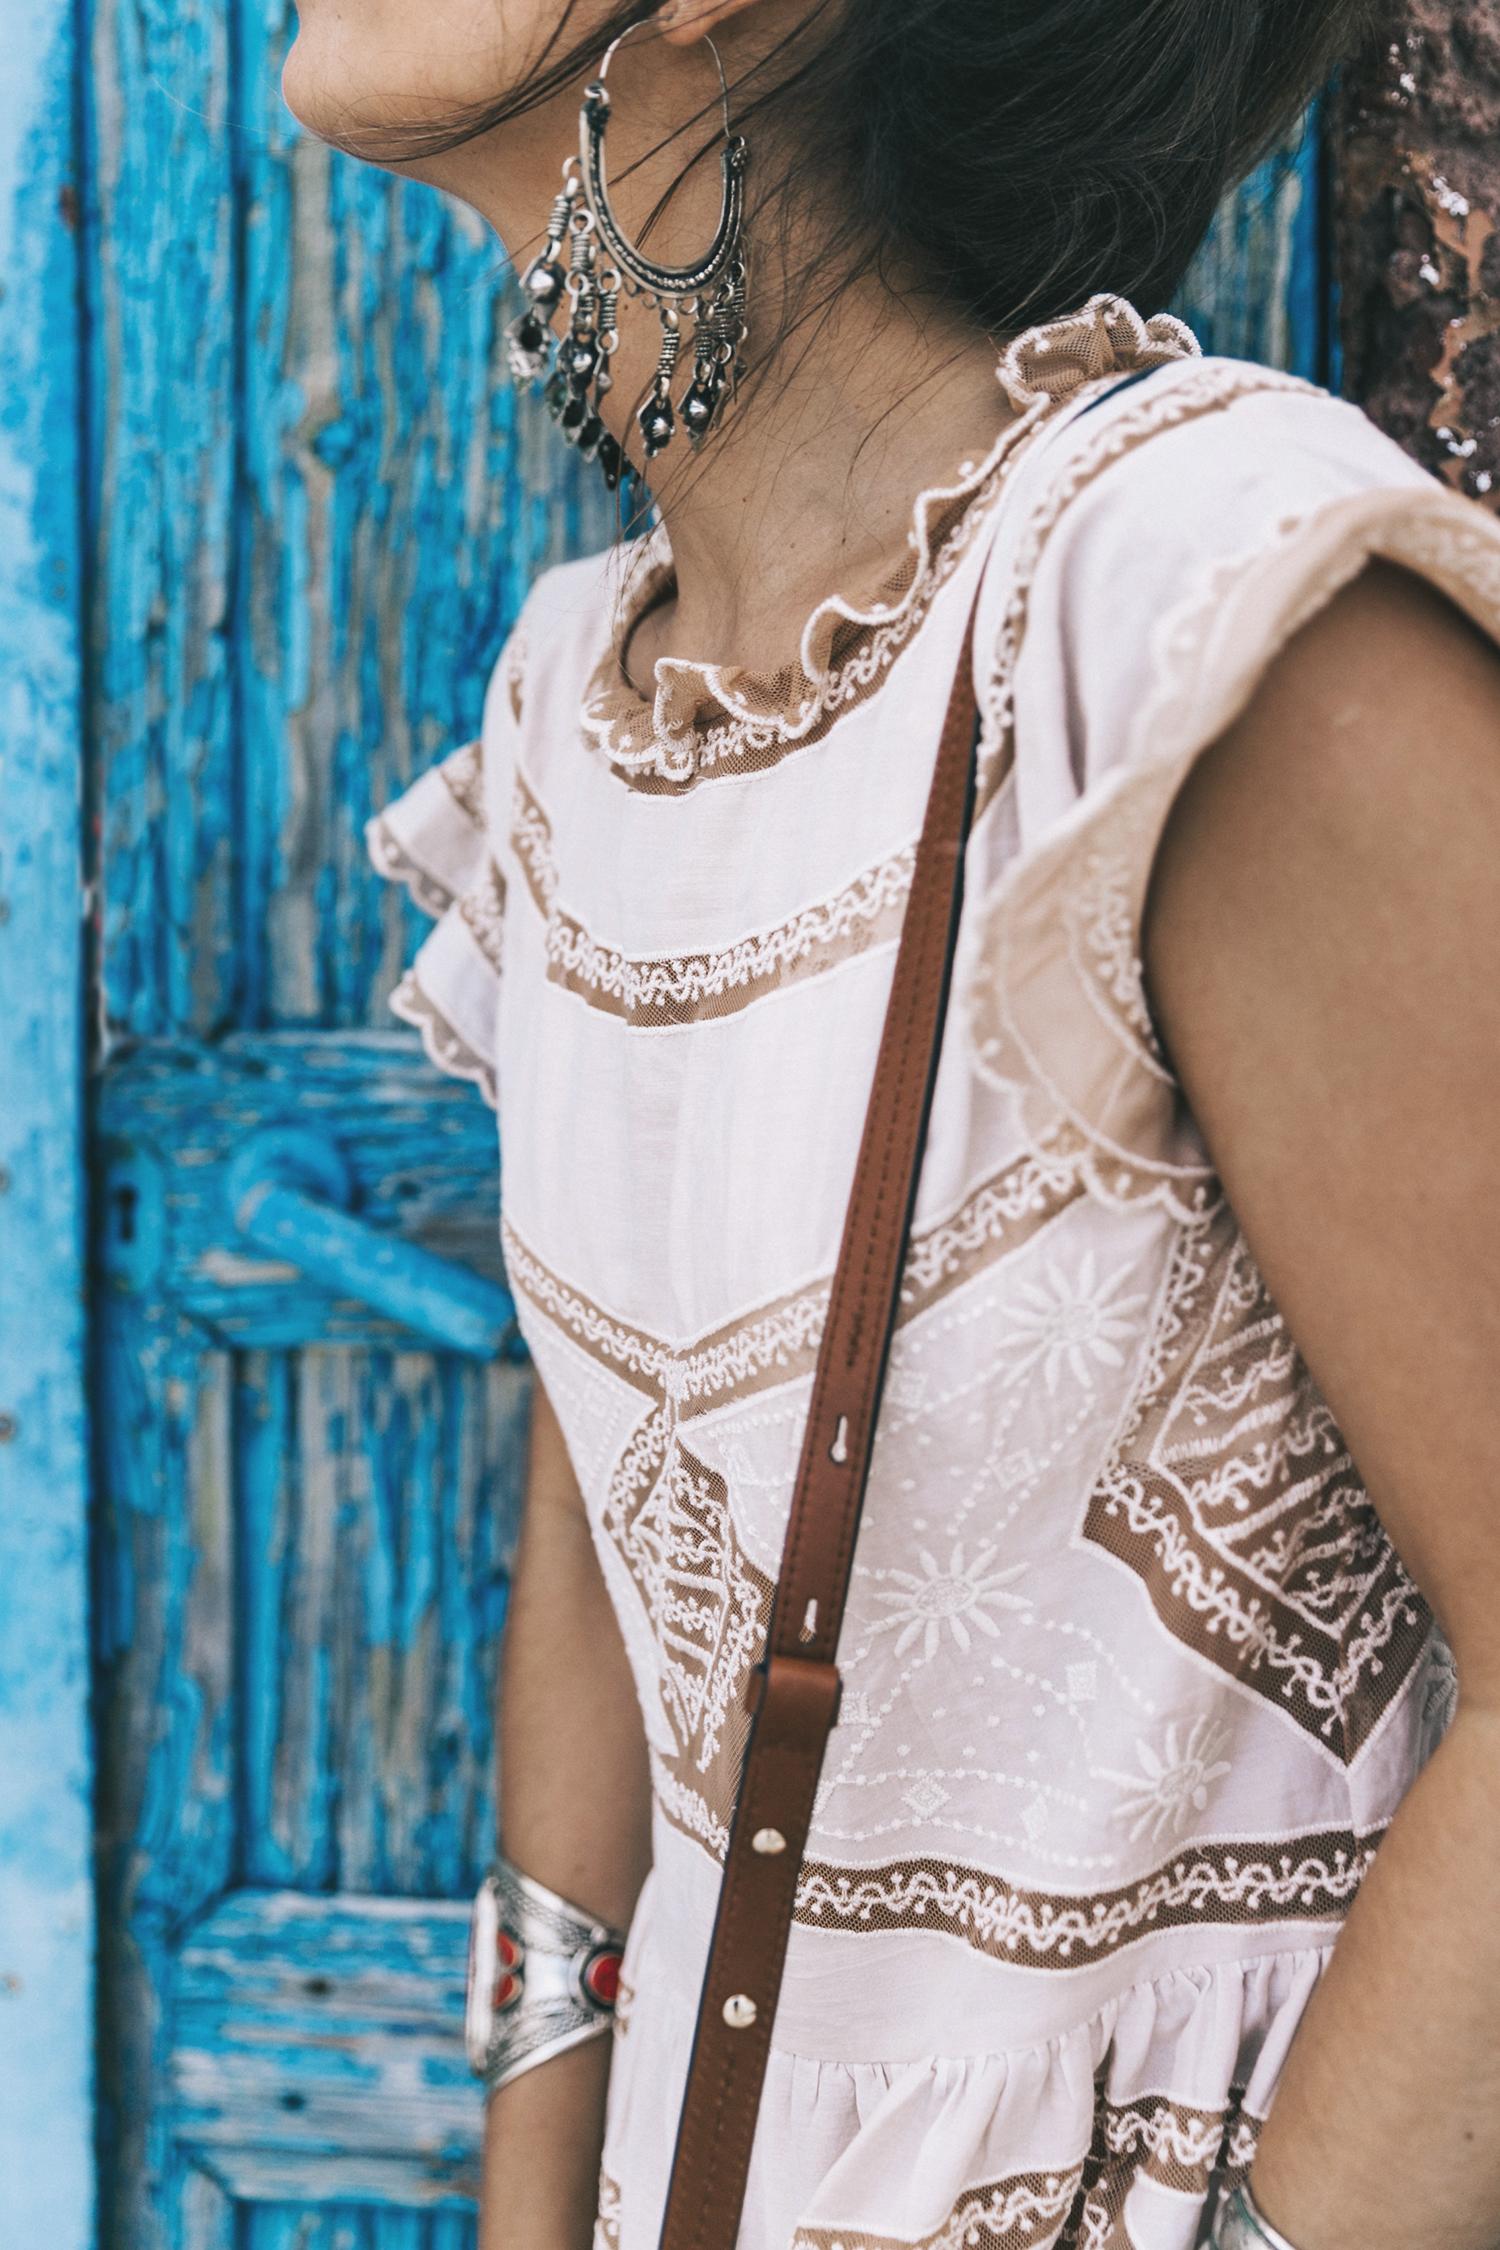 Chloe_Bag-Faye_Bag-For_Love_And_Lemons-Dress-Topknot-Soludos_Escapes-Soludos_Espadrilles-Summer-Santorini-Collage_Vintage-69